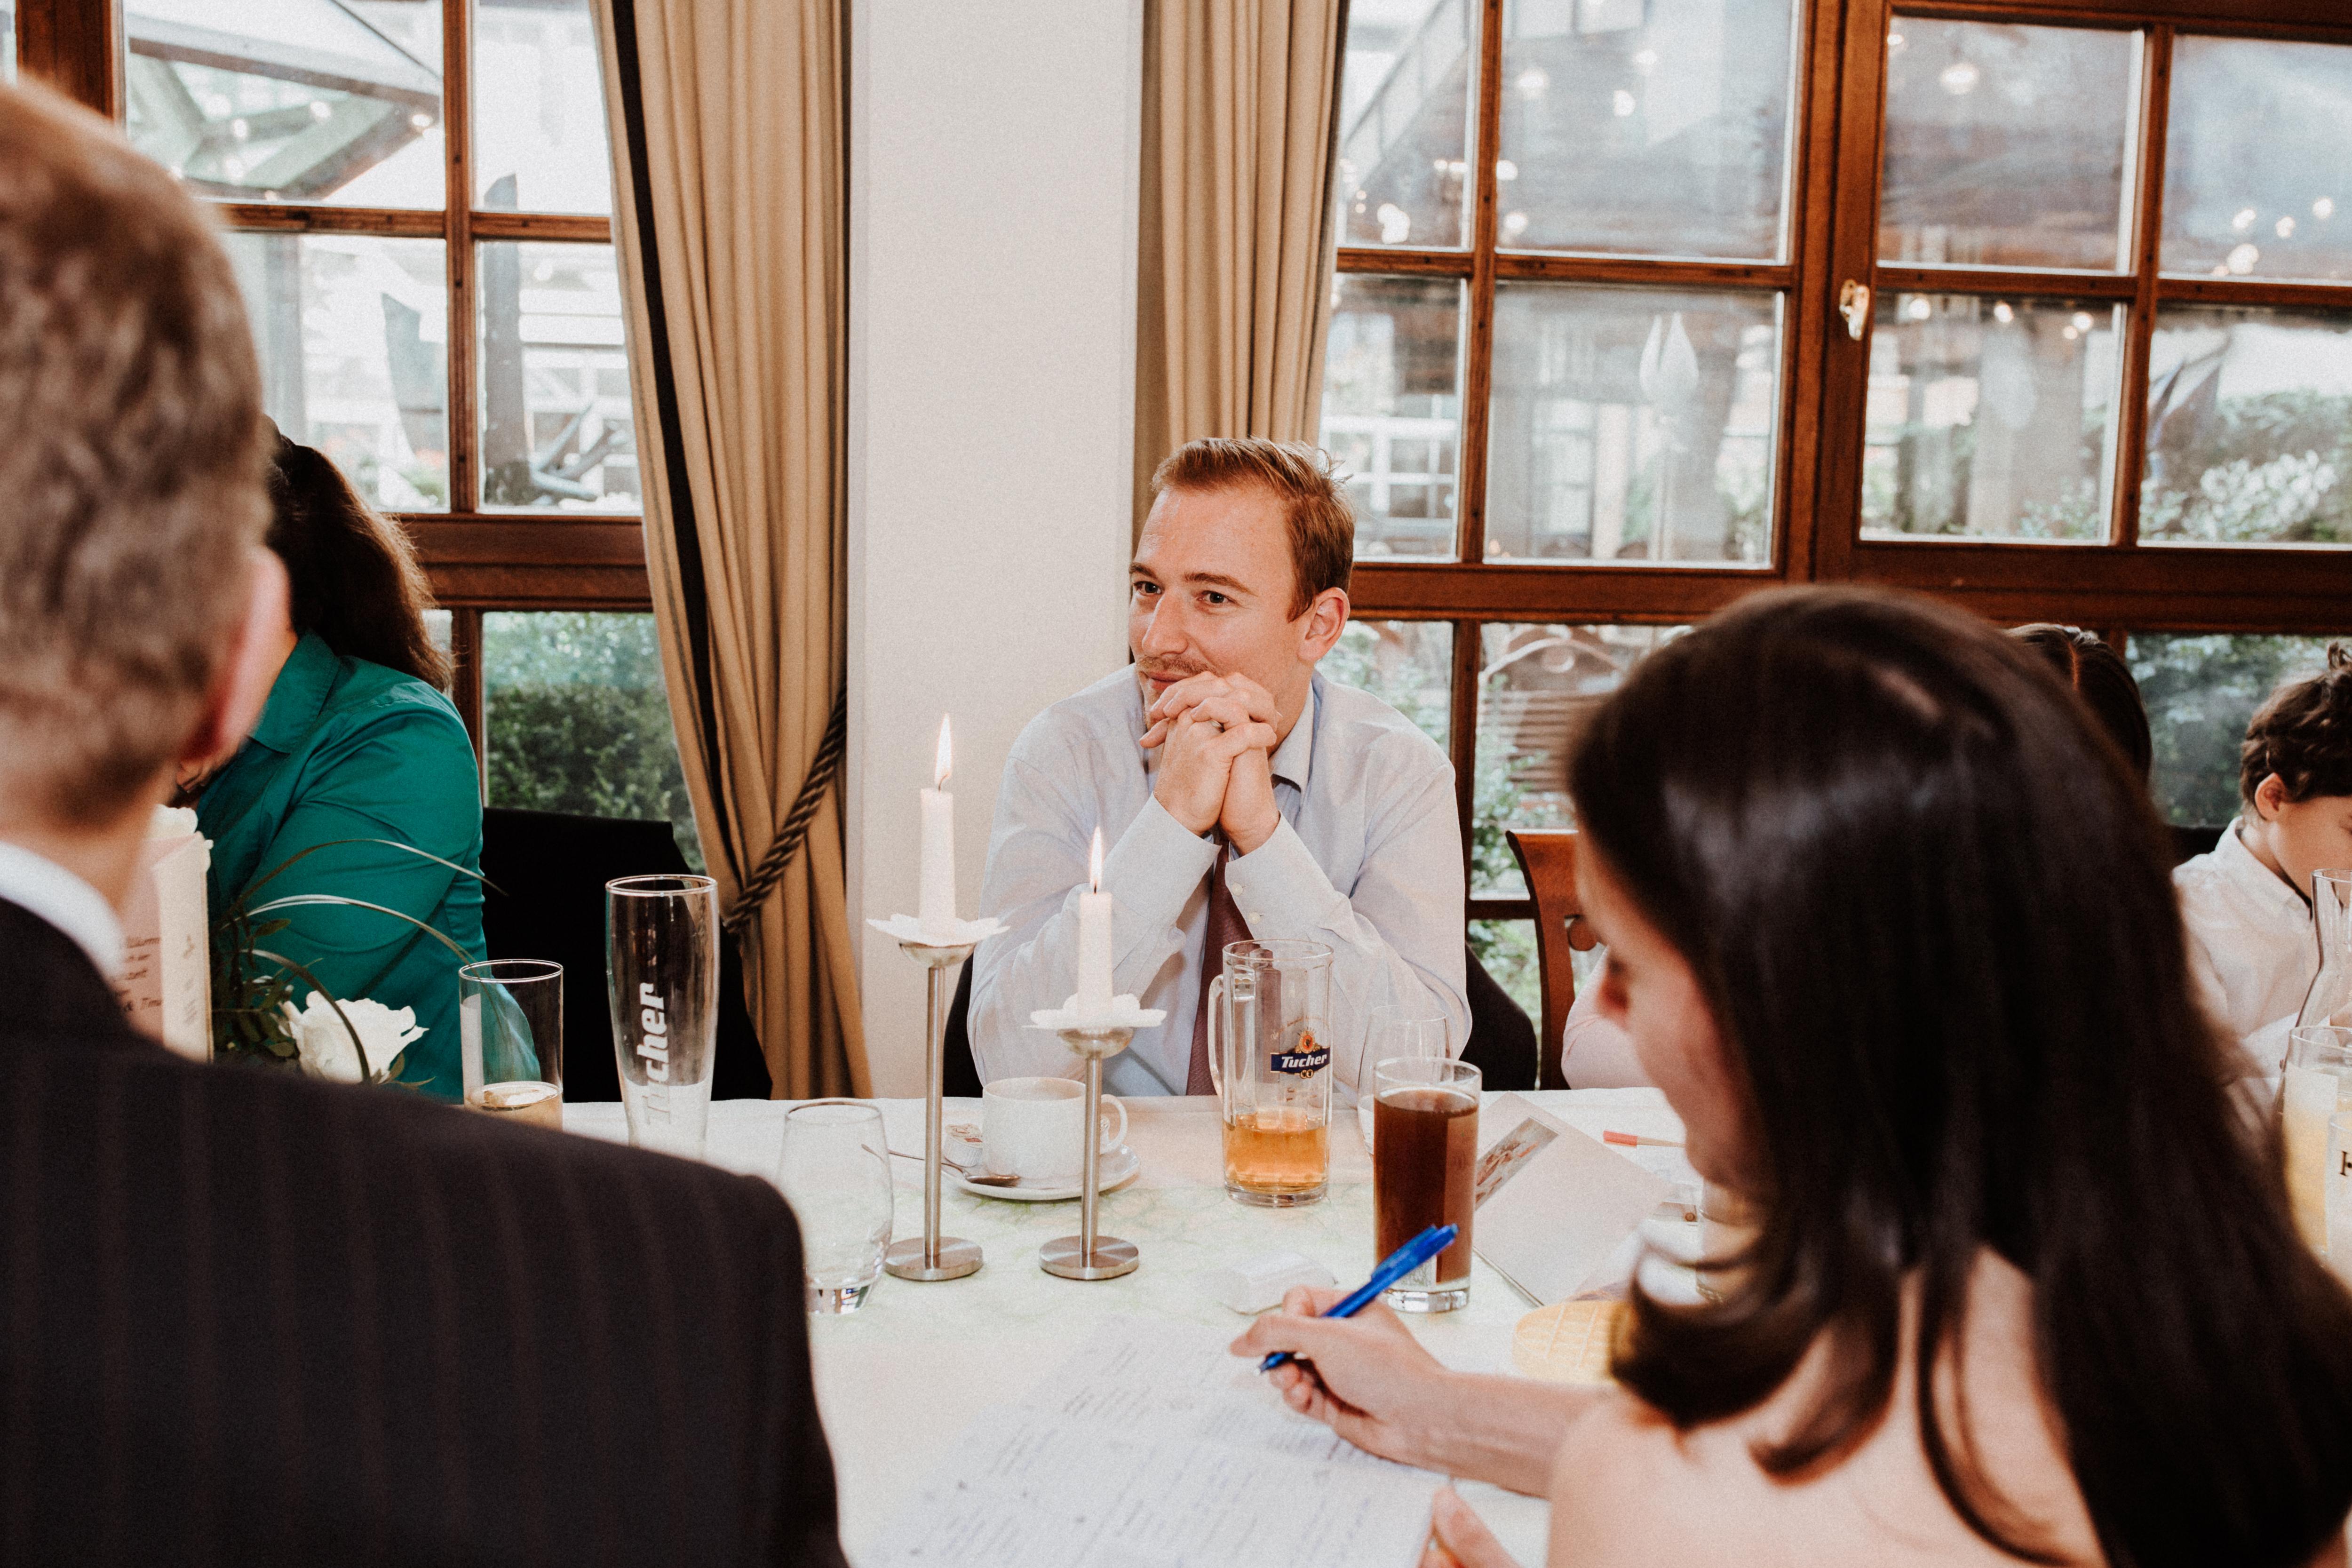 URBANERIE_Daniela_Goth_Hochzeitsfotografin_Nürnberg_Fürth_Erlangen_Schwabach_171007_1176